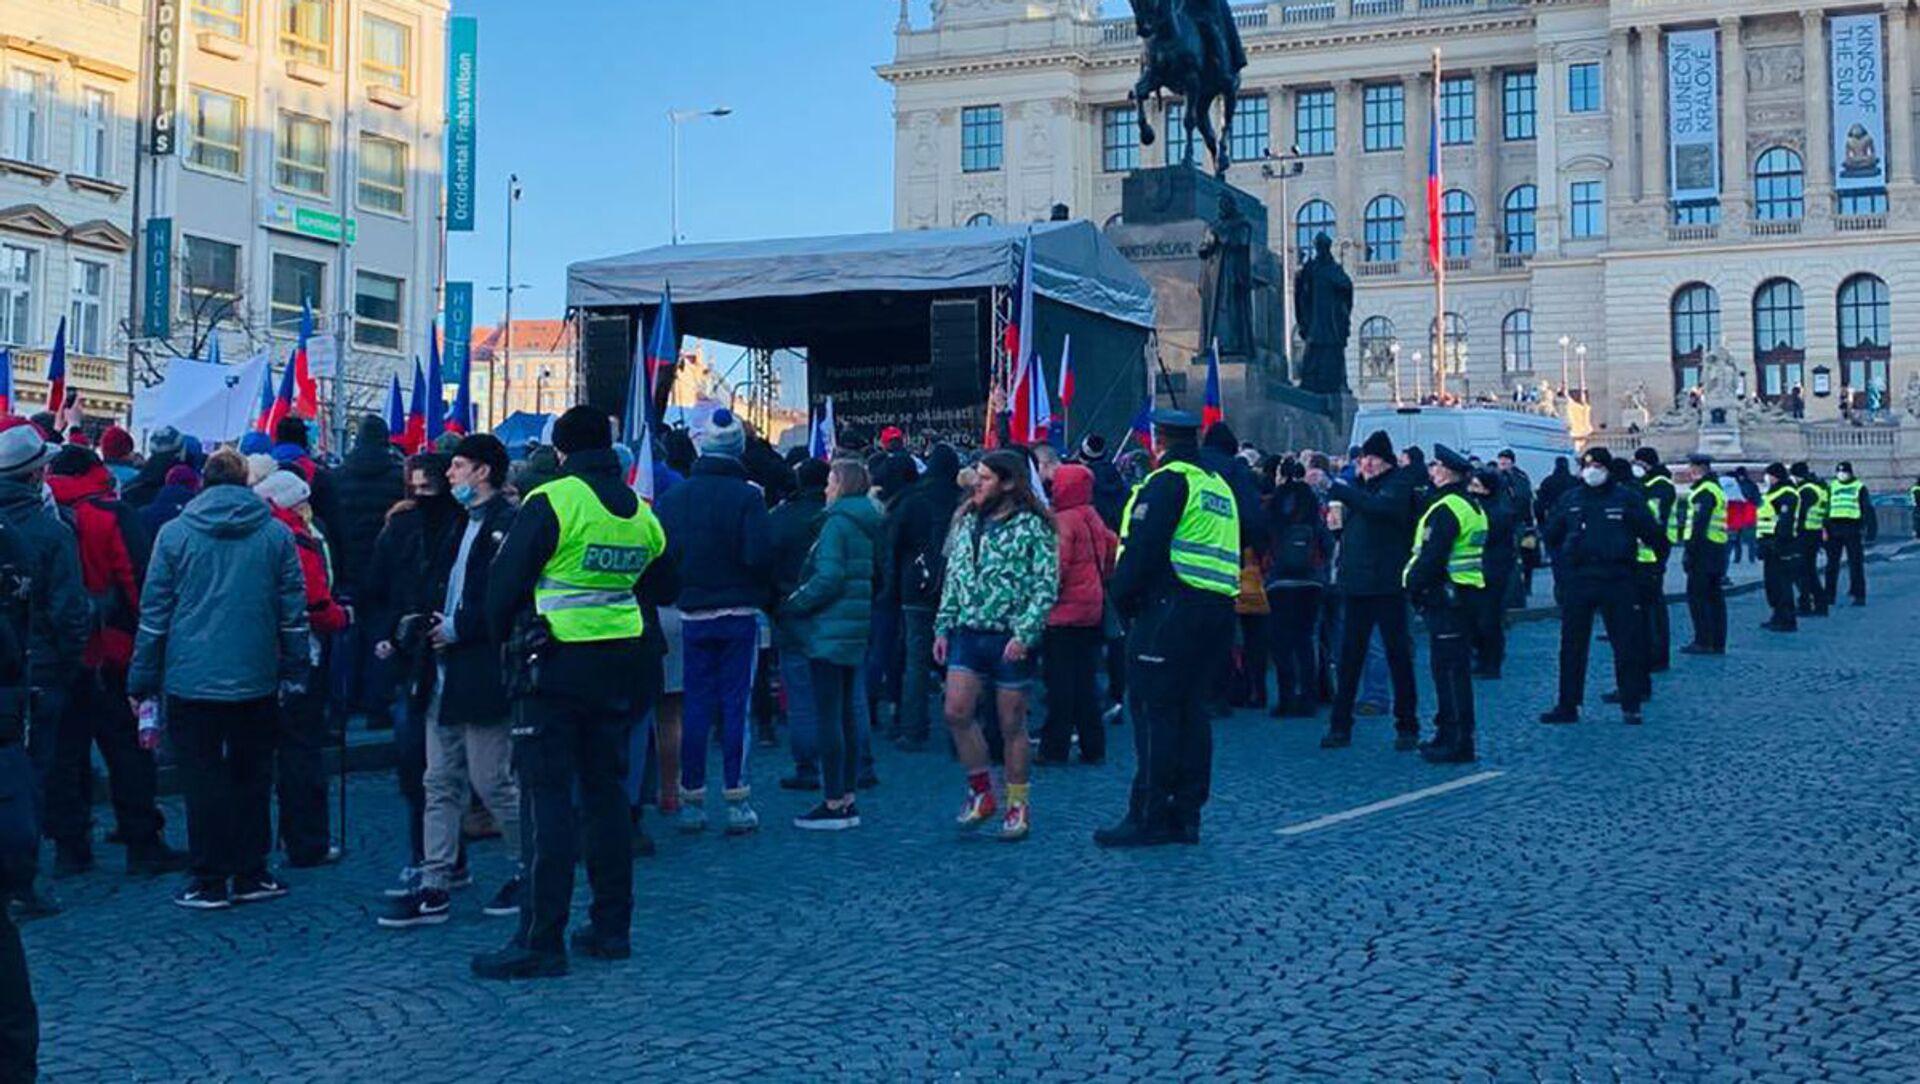 Na Václavském náměstí se protestuje proti opatřením a za svobodu - Sputnik Česká republika, 1920, 31.01.2021